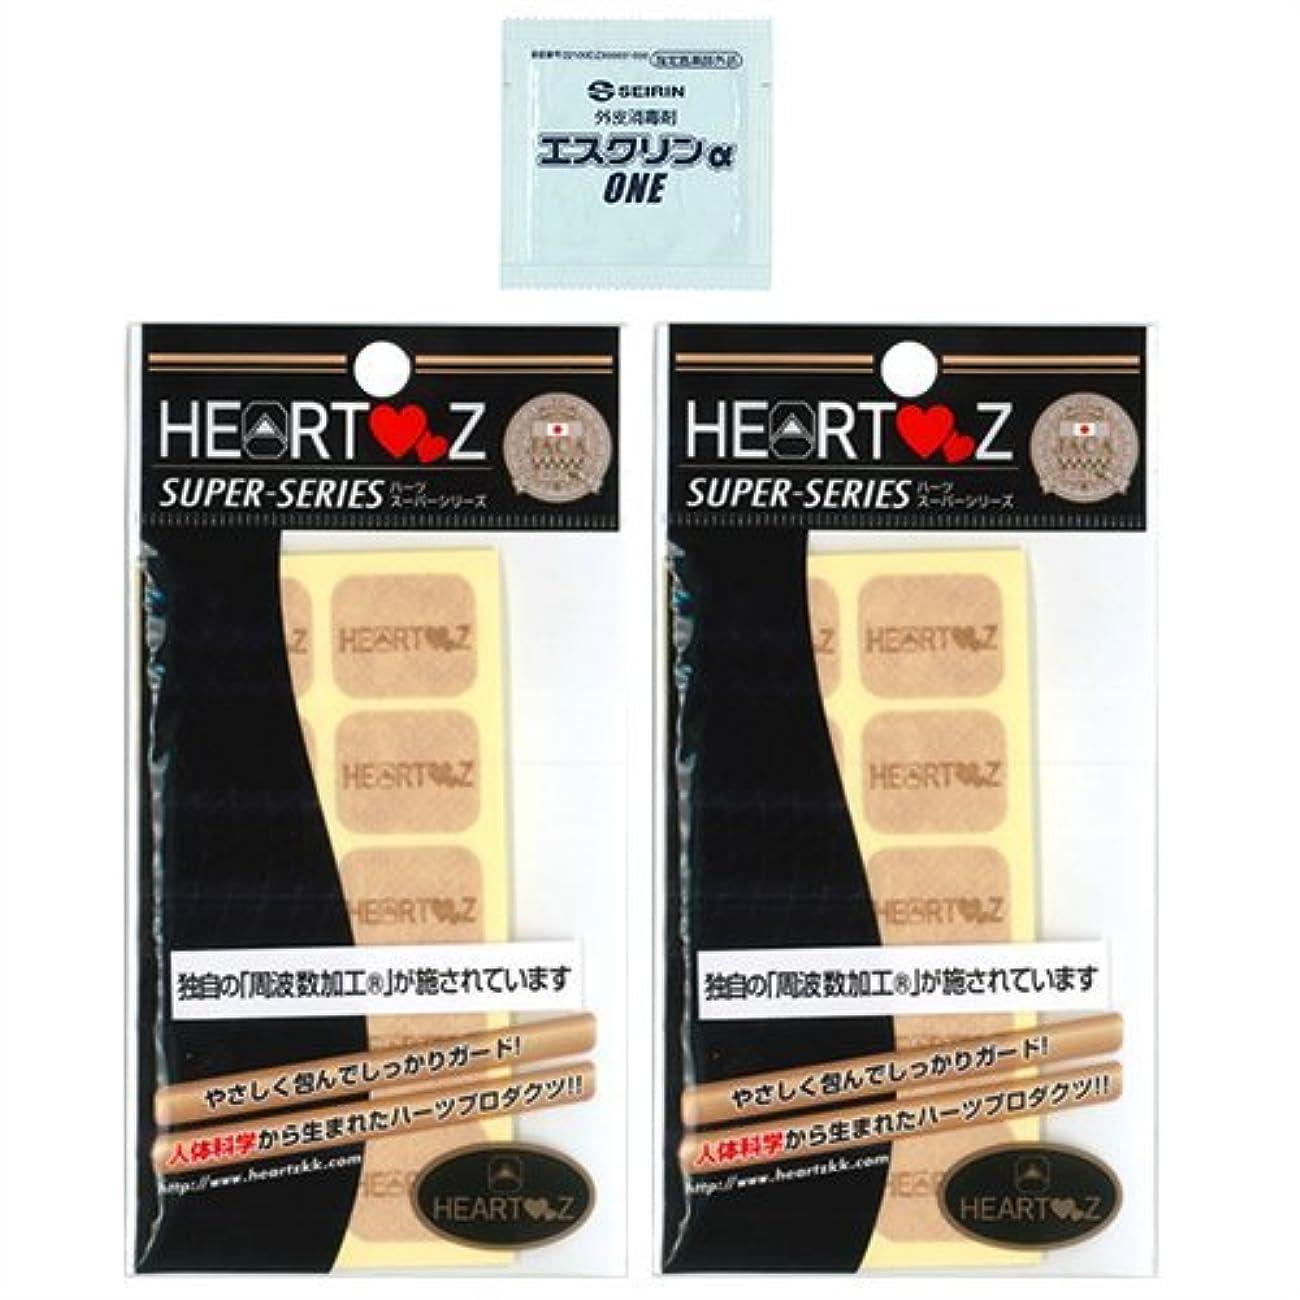 苦味退屈させる実装する【HEARTZ(ハーツ)】ハーツスーパーシール レギュラータイプ 80枚入×2個セット (計160枚) + エスクリンαONEx1個 セット